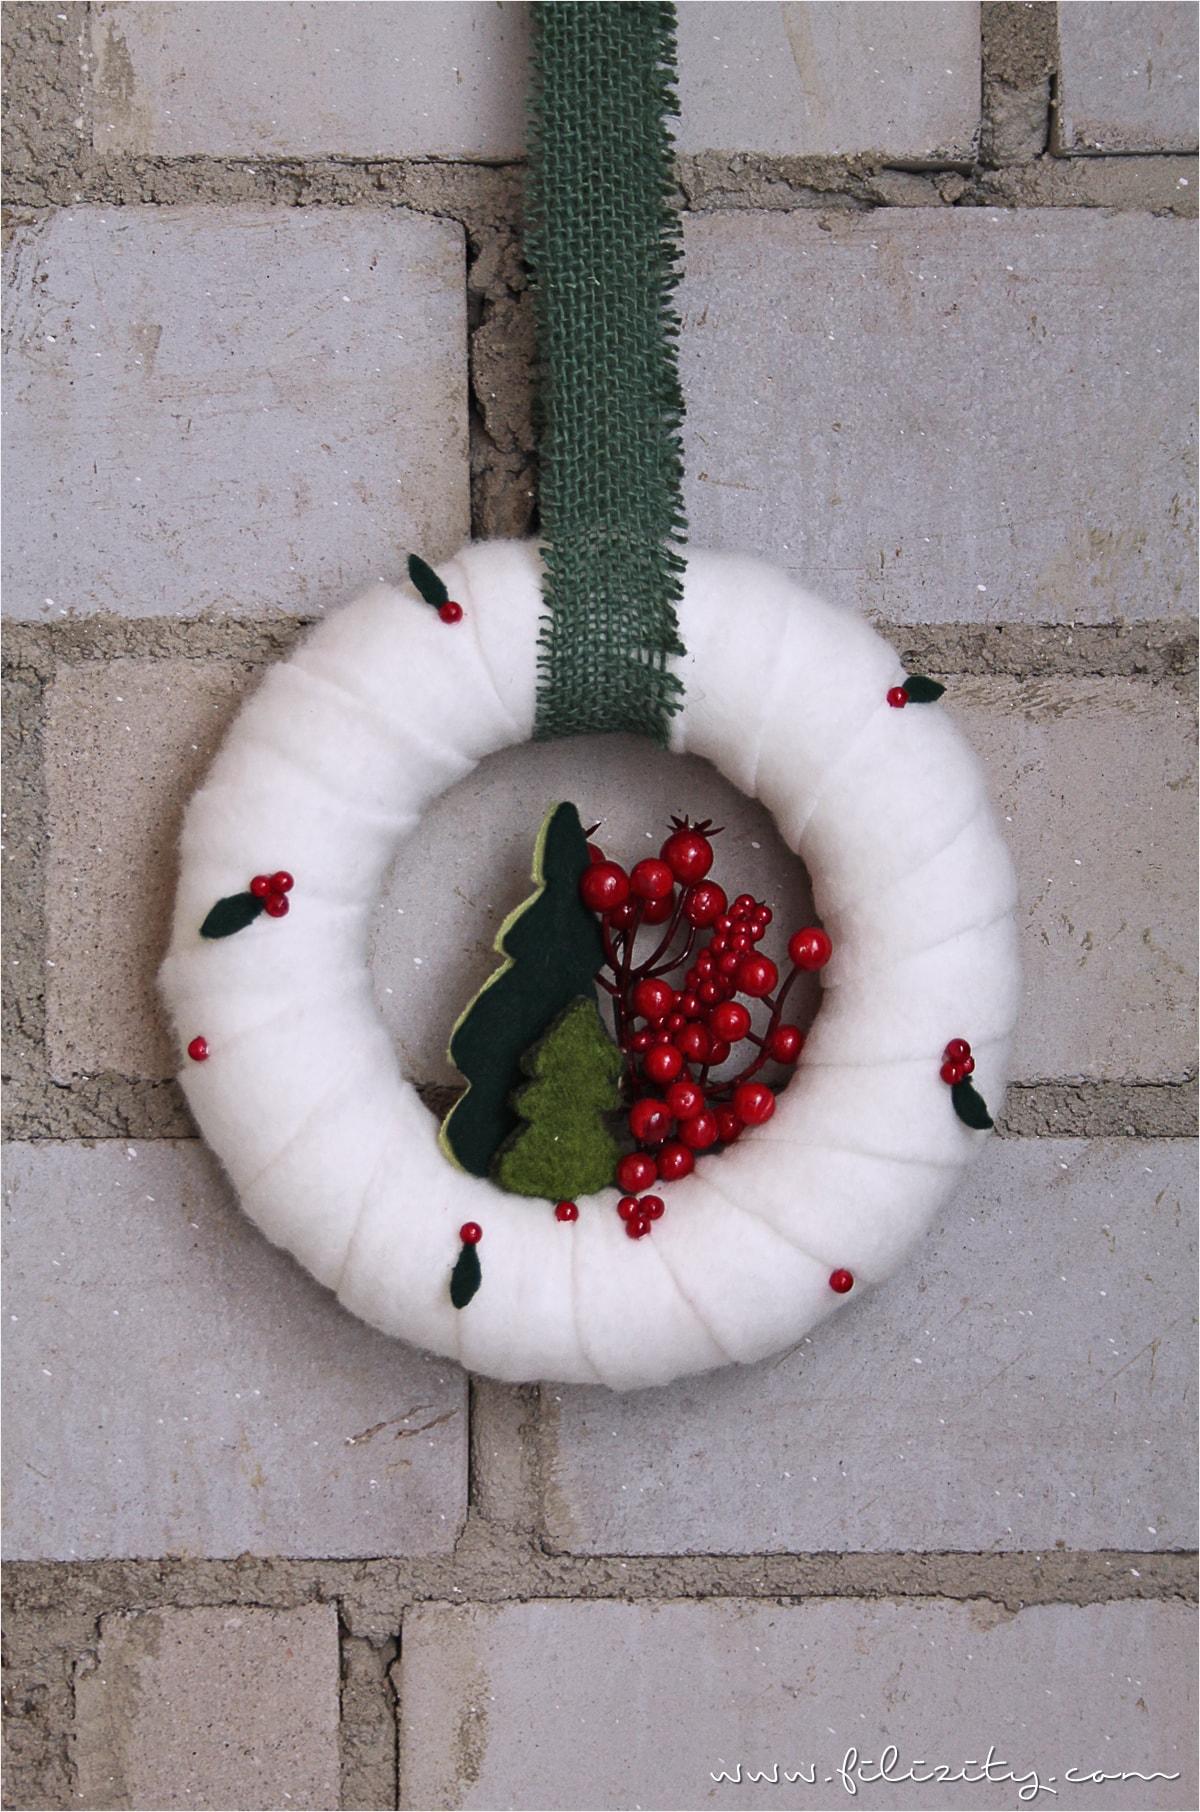 DIY-Deko: Weihnachtlicher Türkranz mit Tannen und Beeren